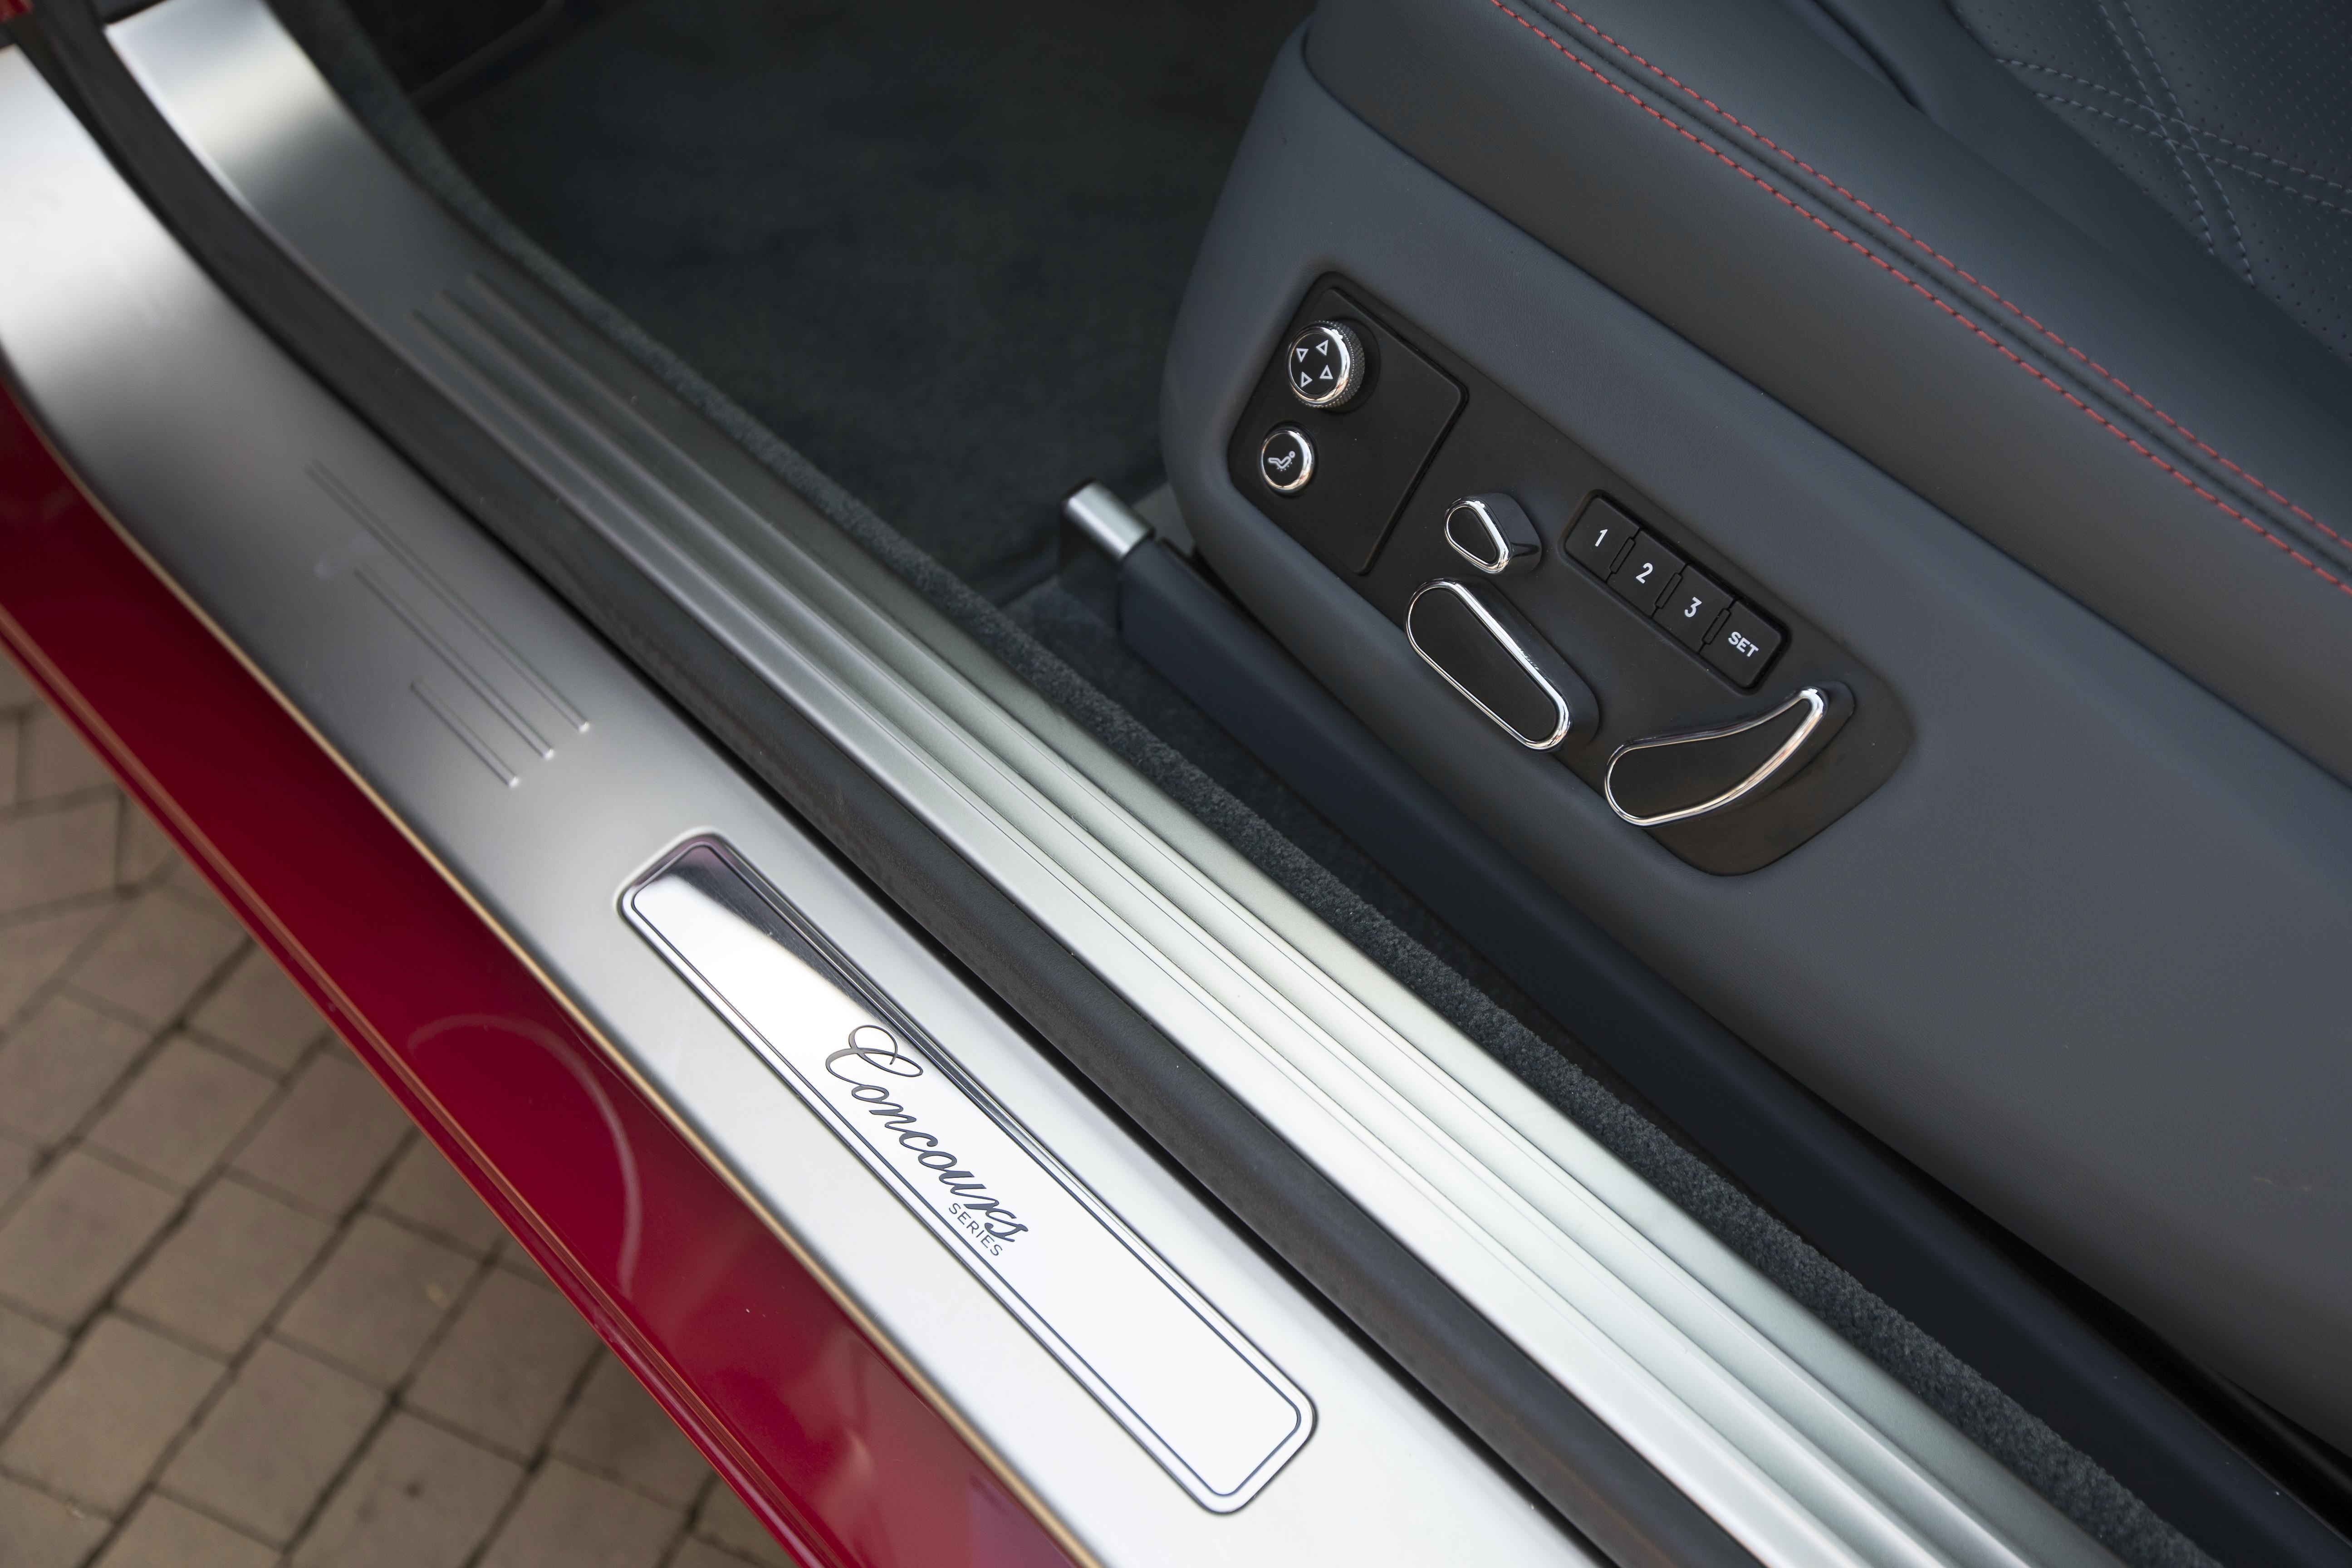 ВРЕМЯ ВЫБИРАТЬ BENTLEY! НОВЫЙ CONTINENTAL GT ОТ 11 900 000 РУБ. - изображение NICK1662 на Bentleymoscow.ru!